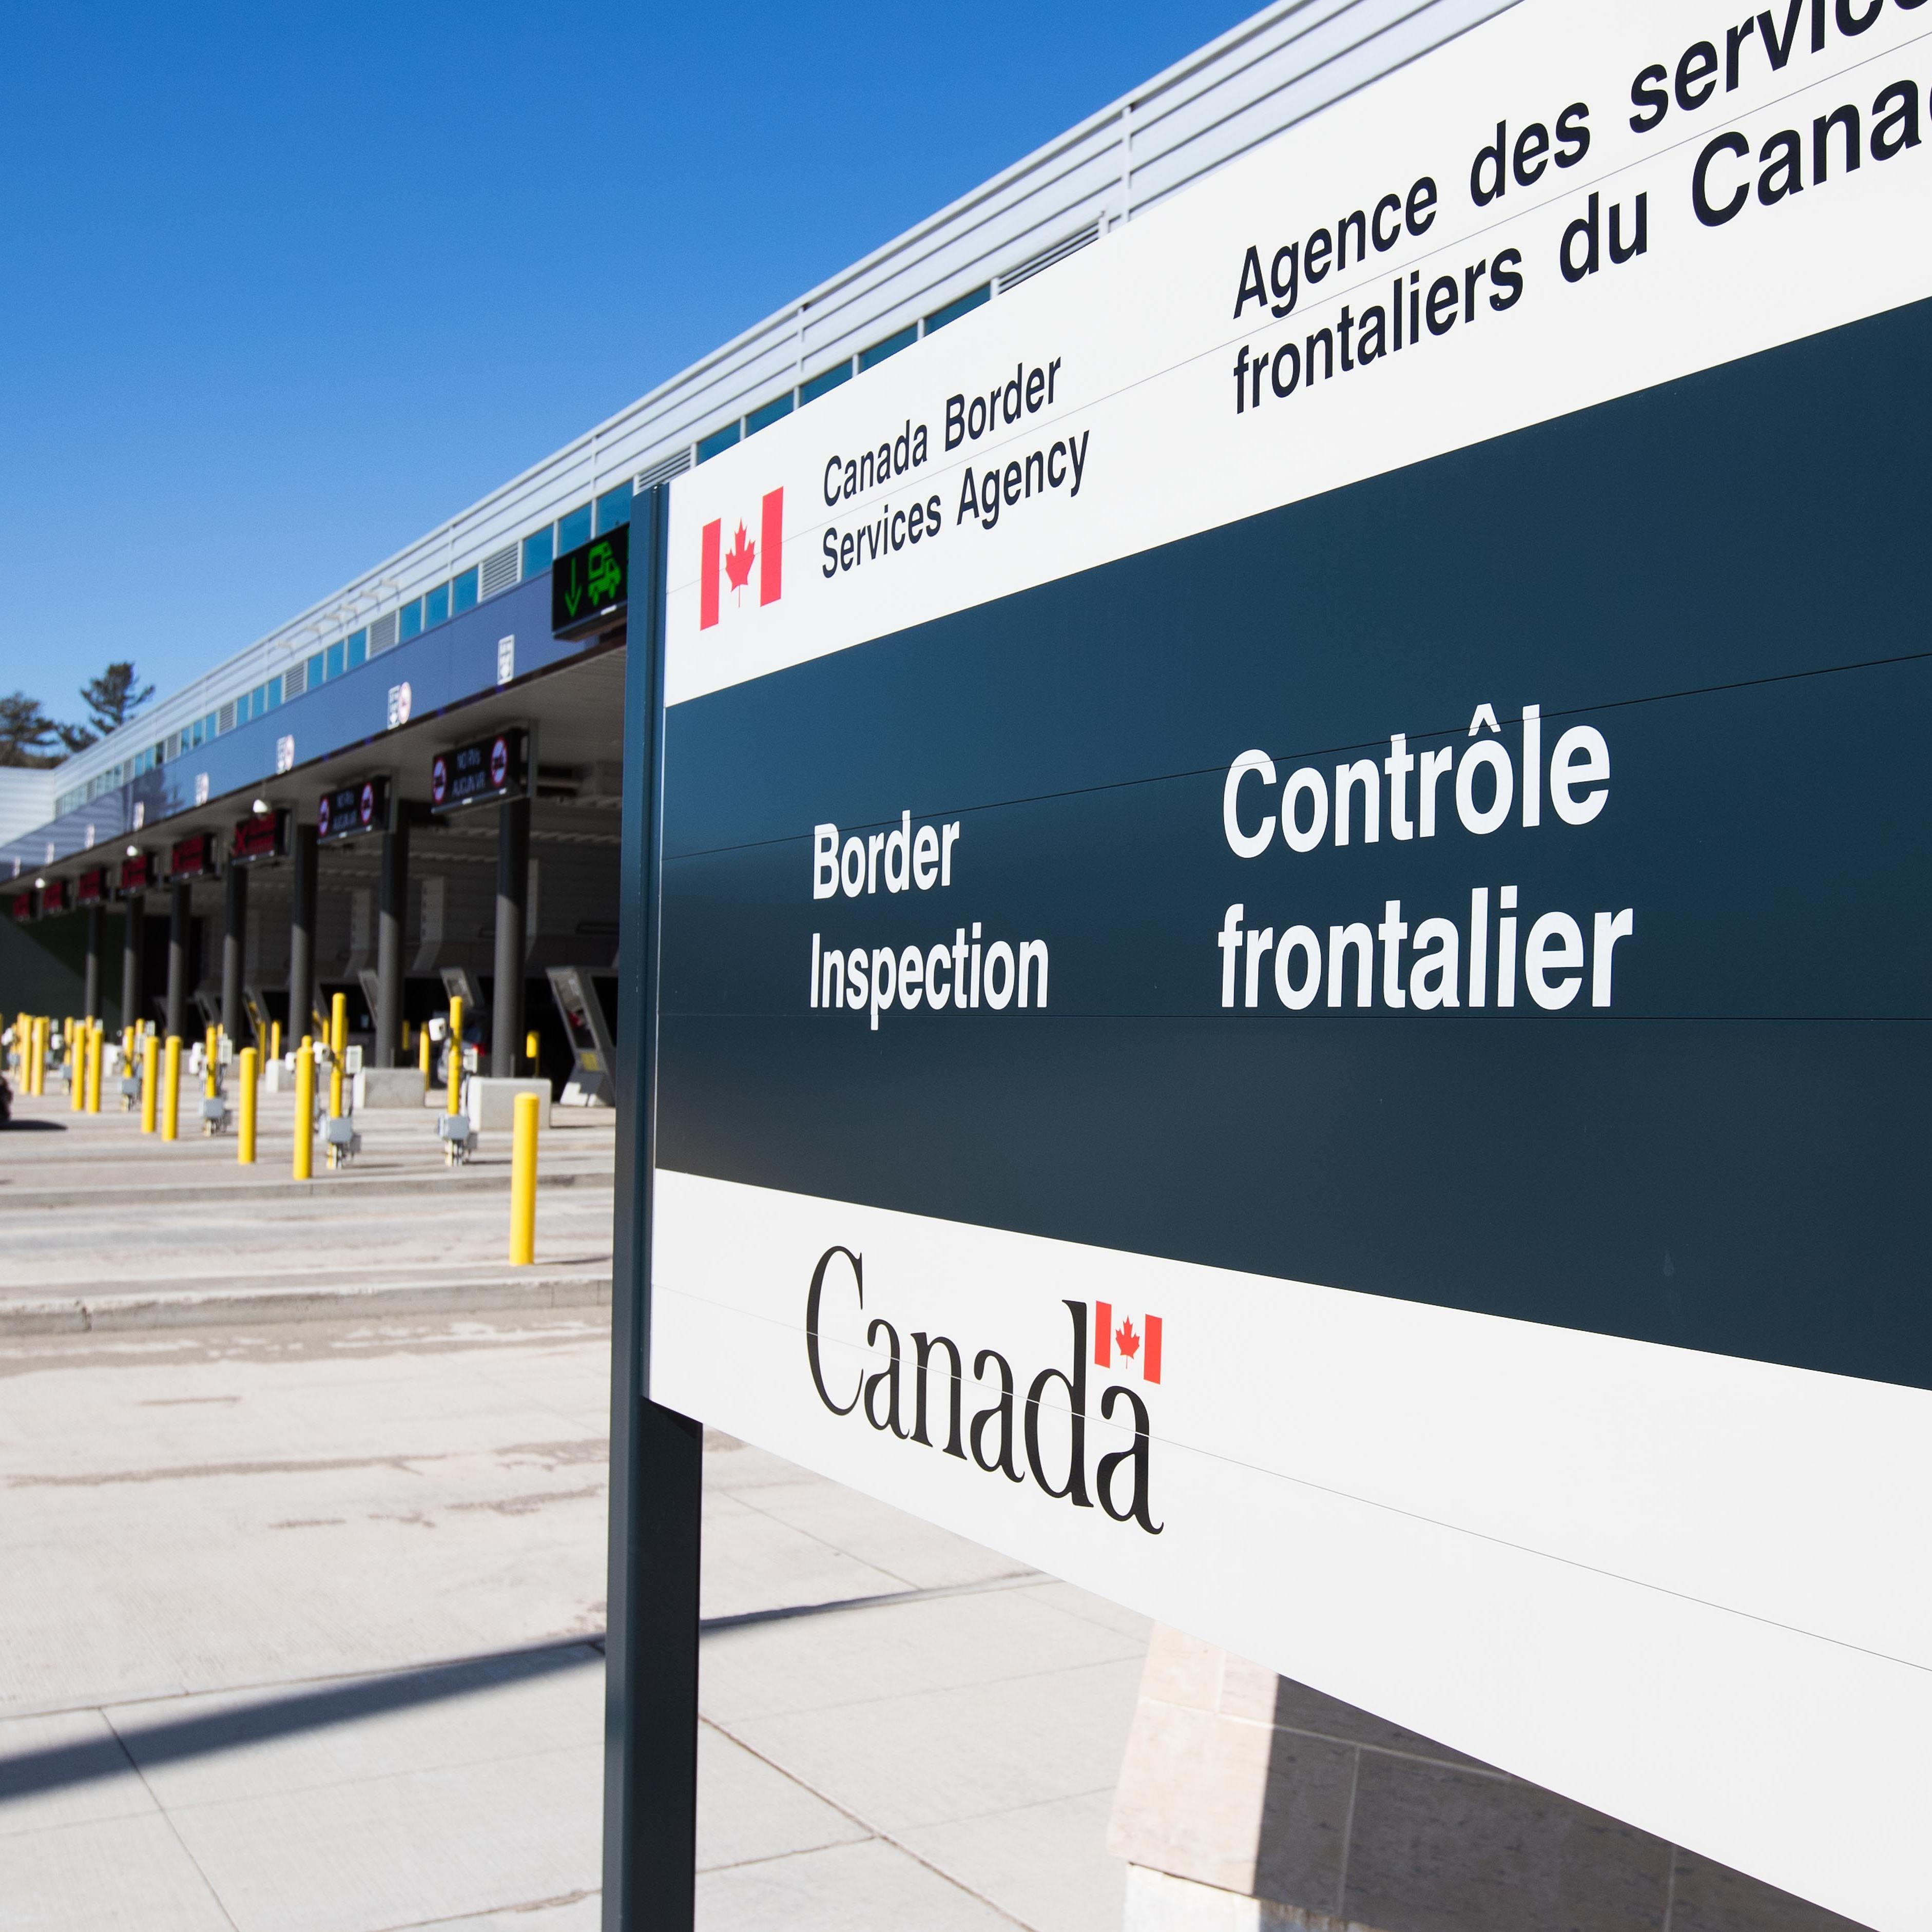 Desinformação coloca em risco imigrantes em busca de asilo na fronteira do Canadá